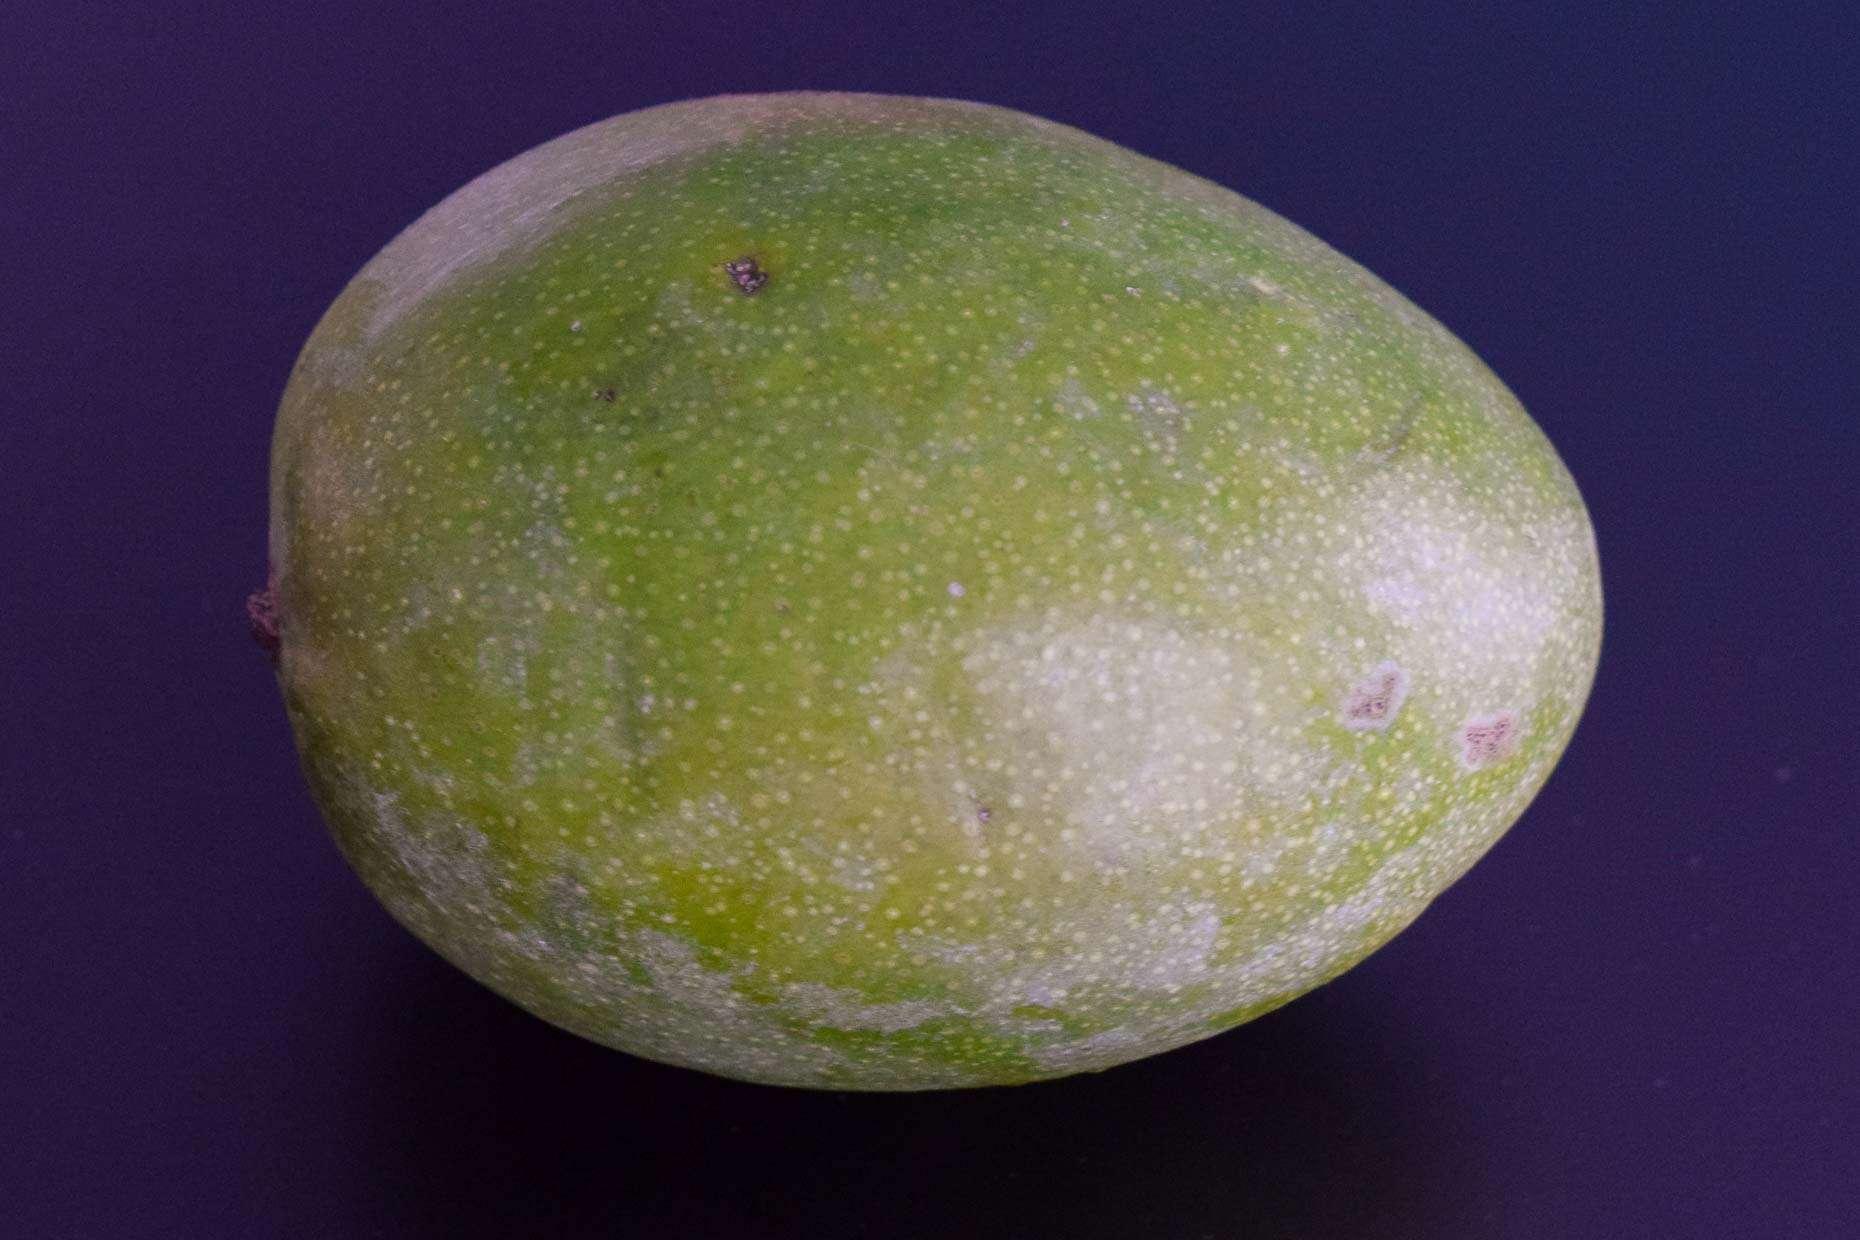 Mango on black background